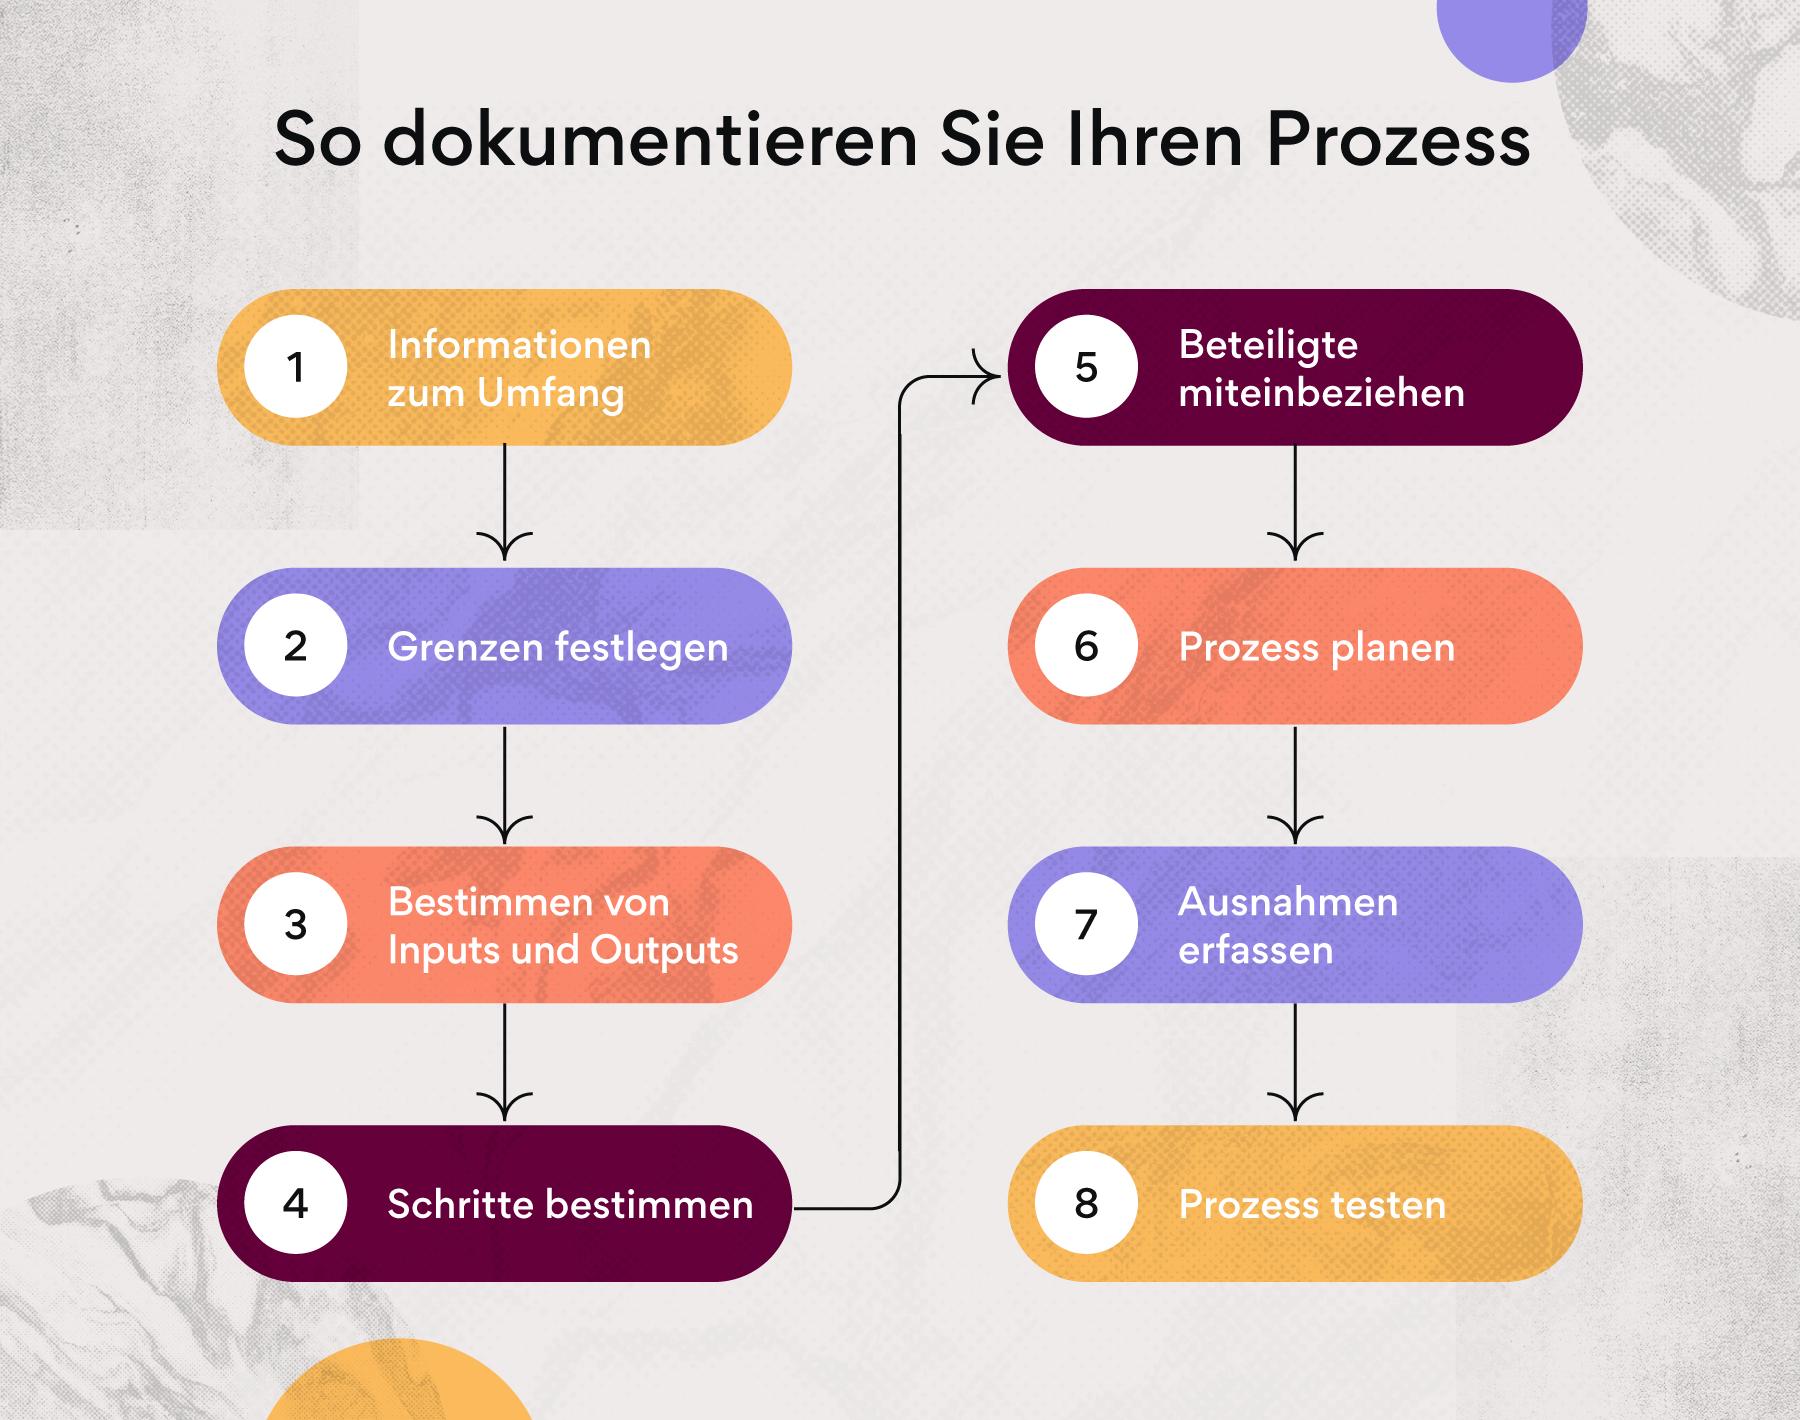 So erstellen Sie eine Prozessdokumentation